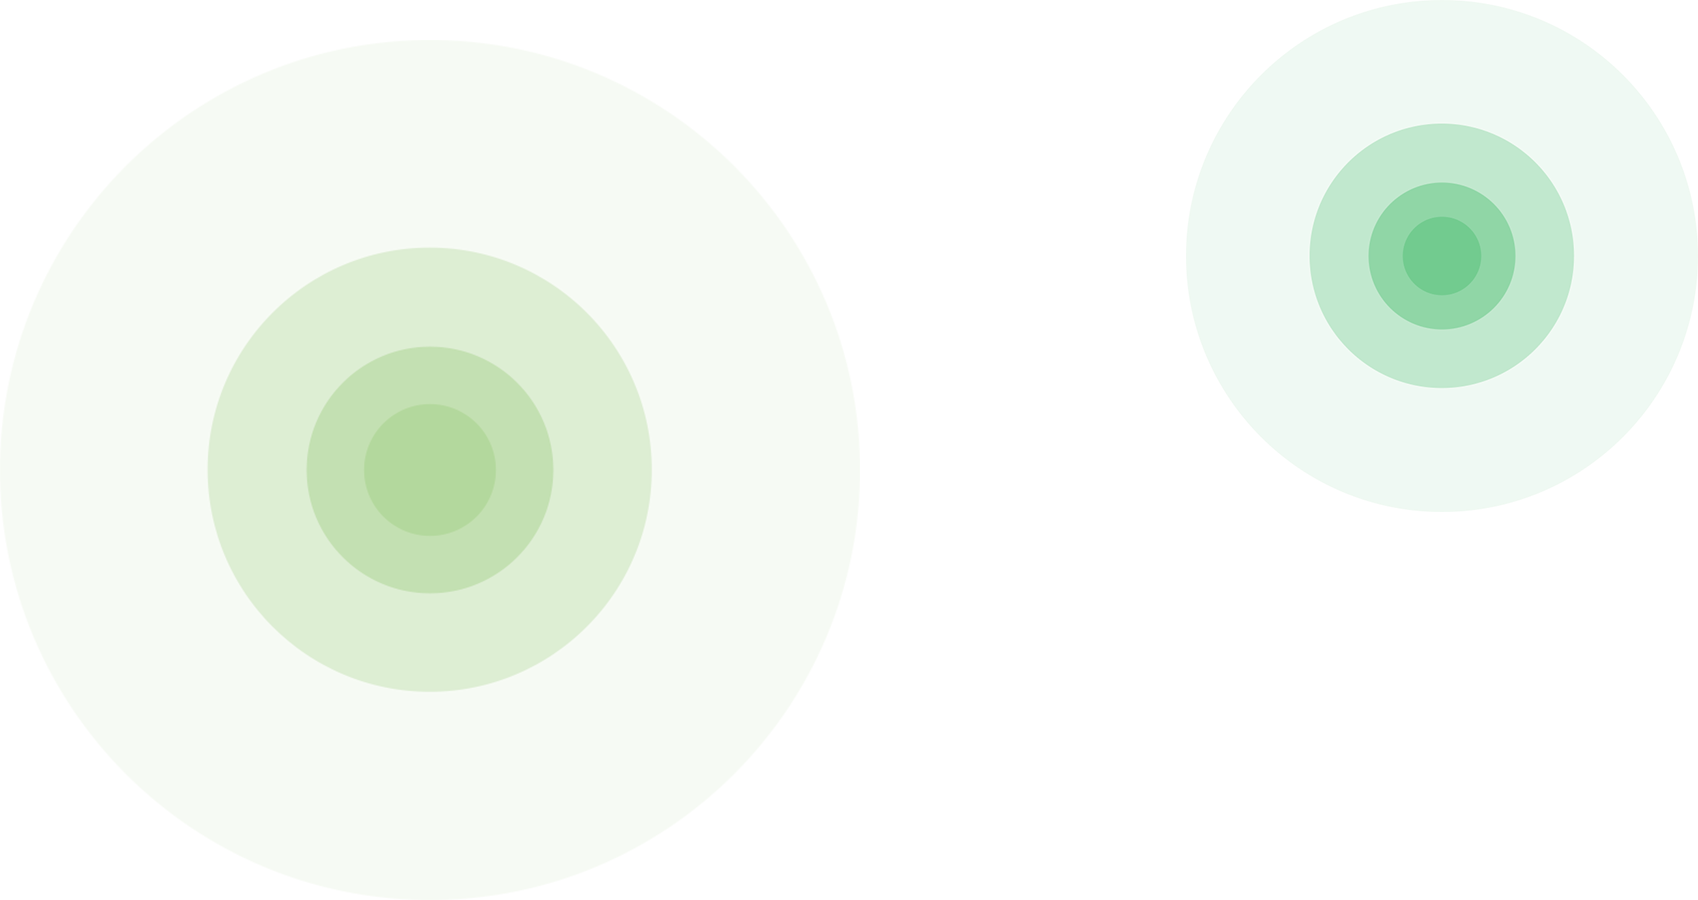 Circle graphics